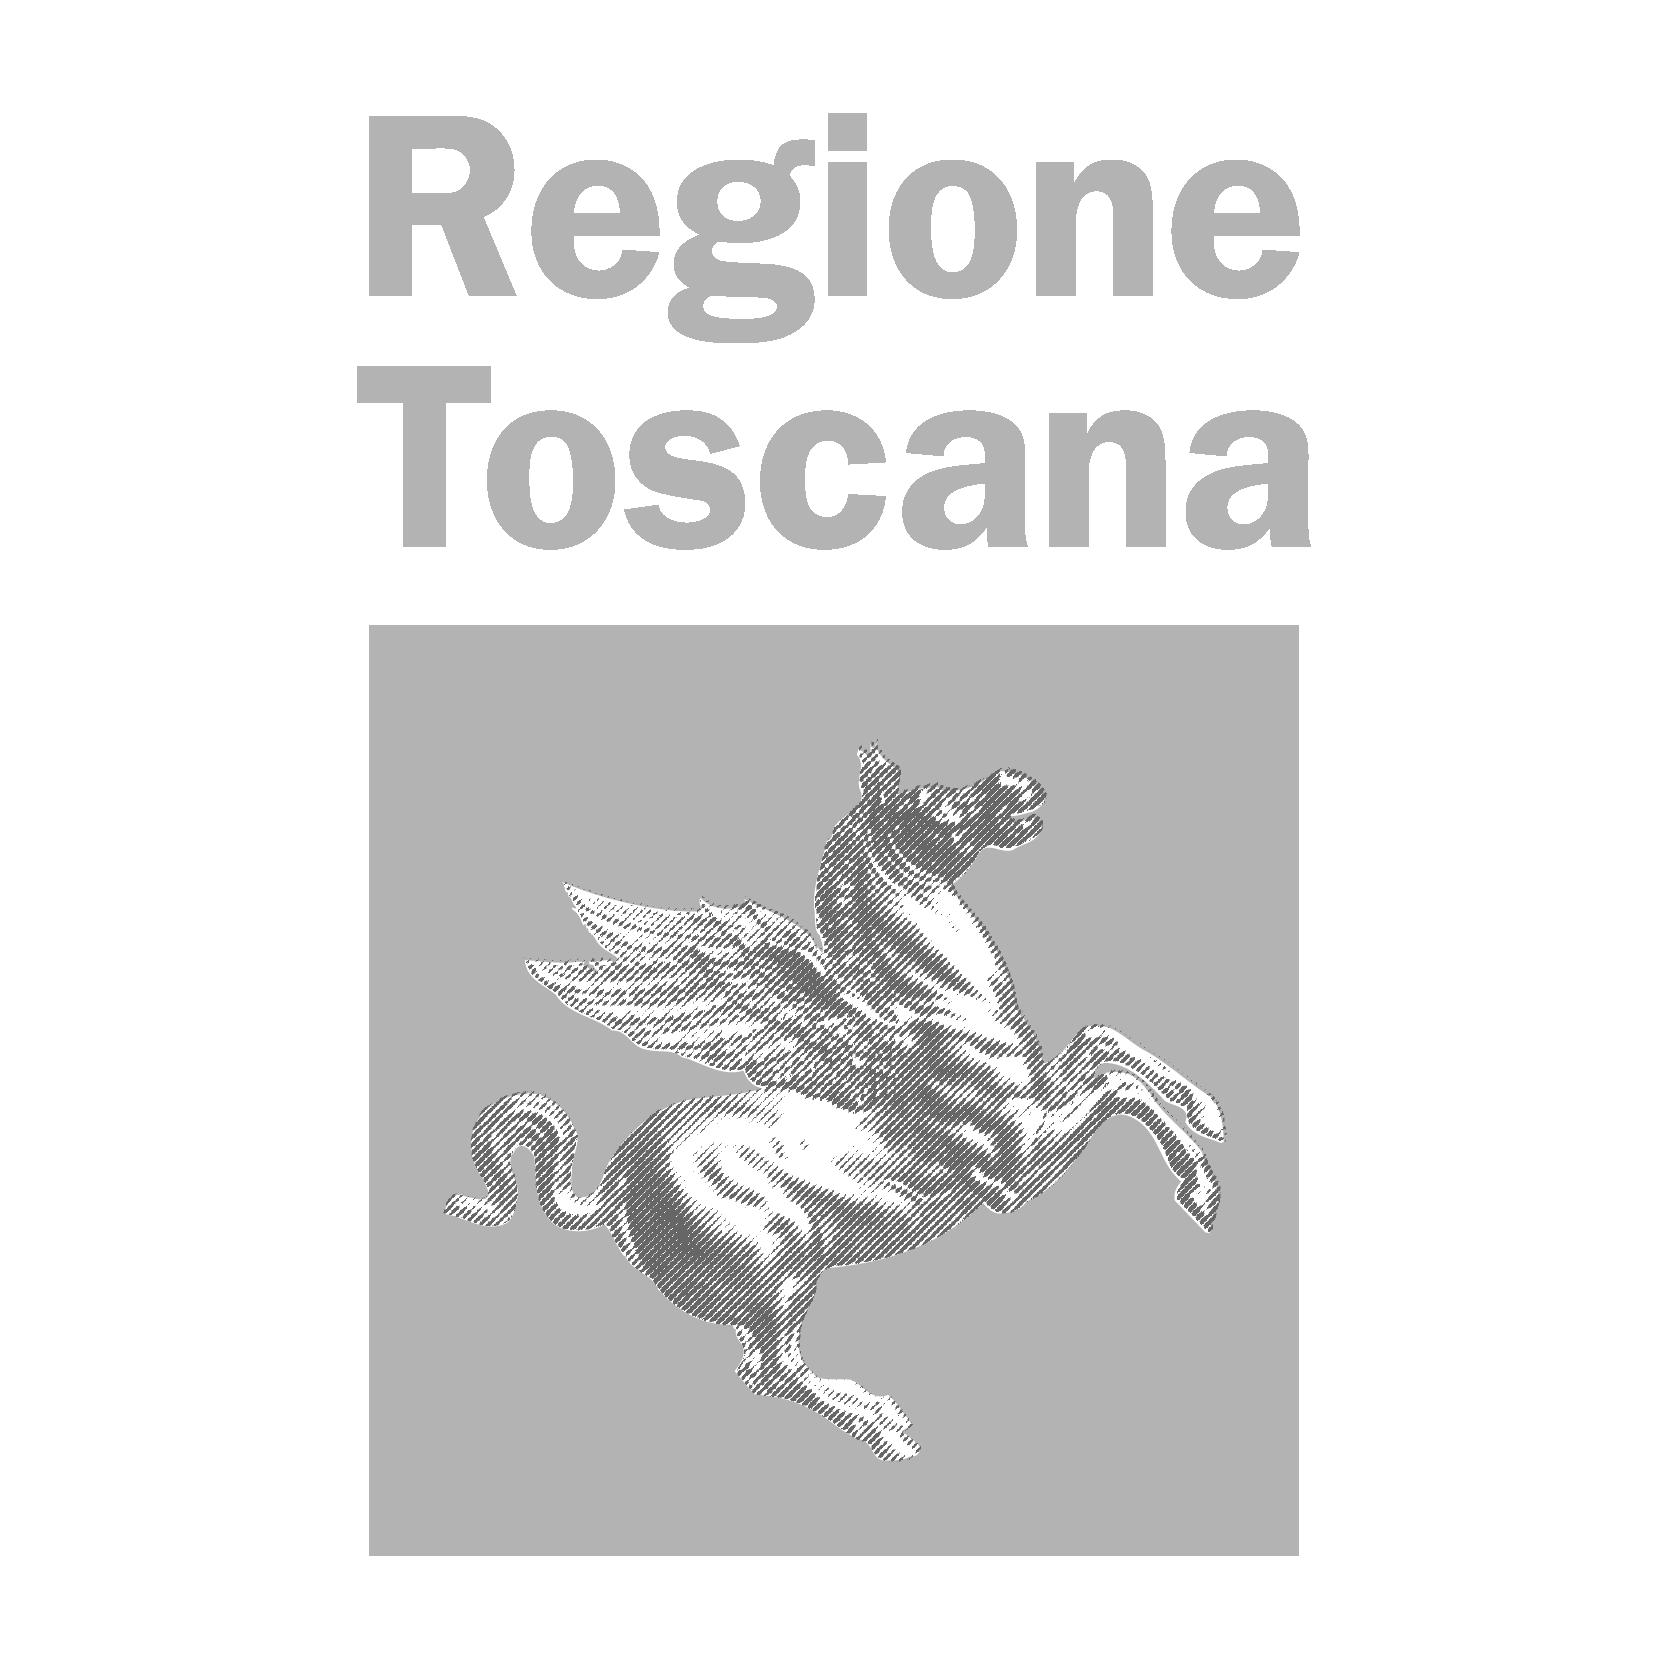 regione_toscana-01